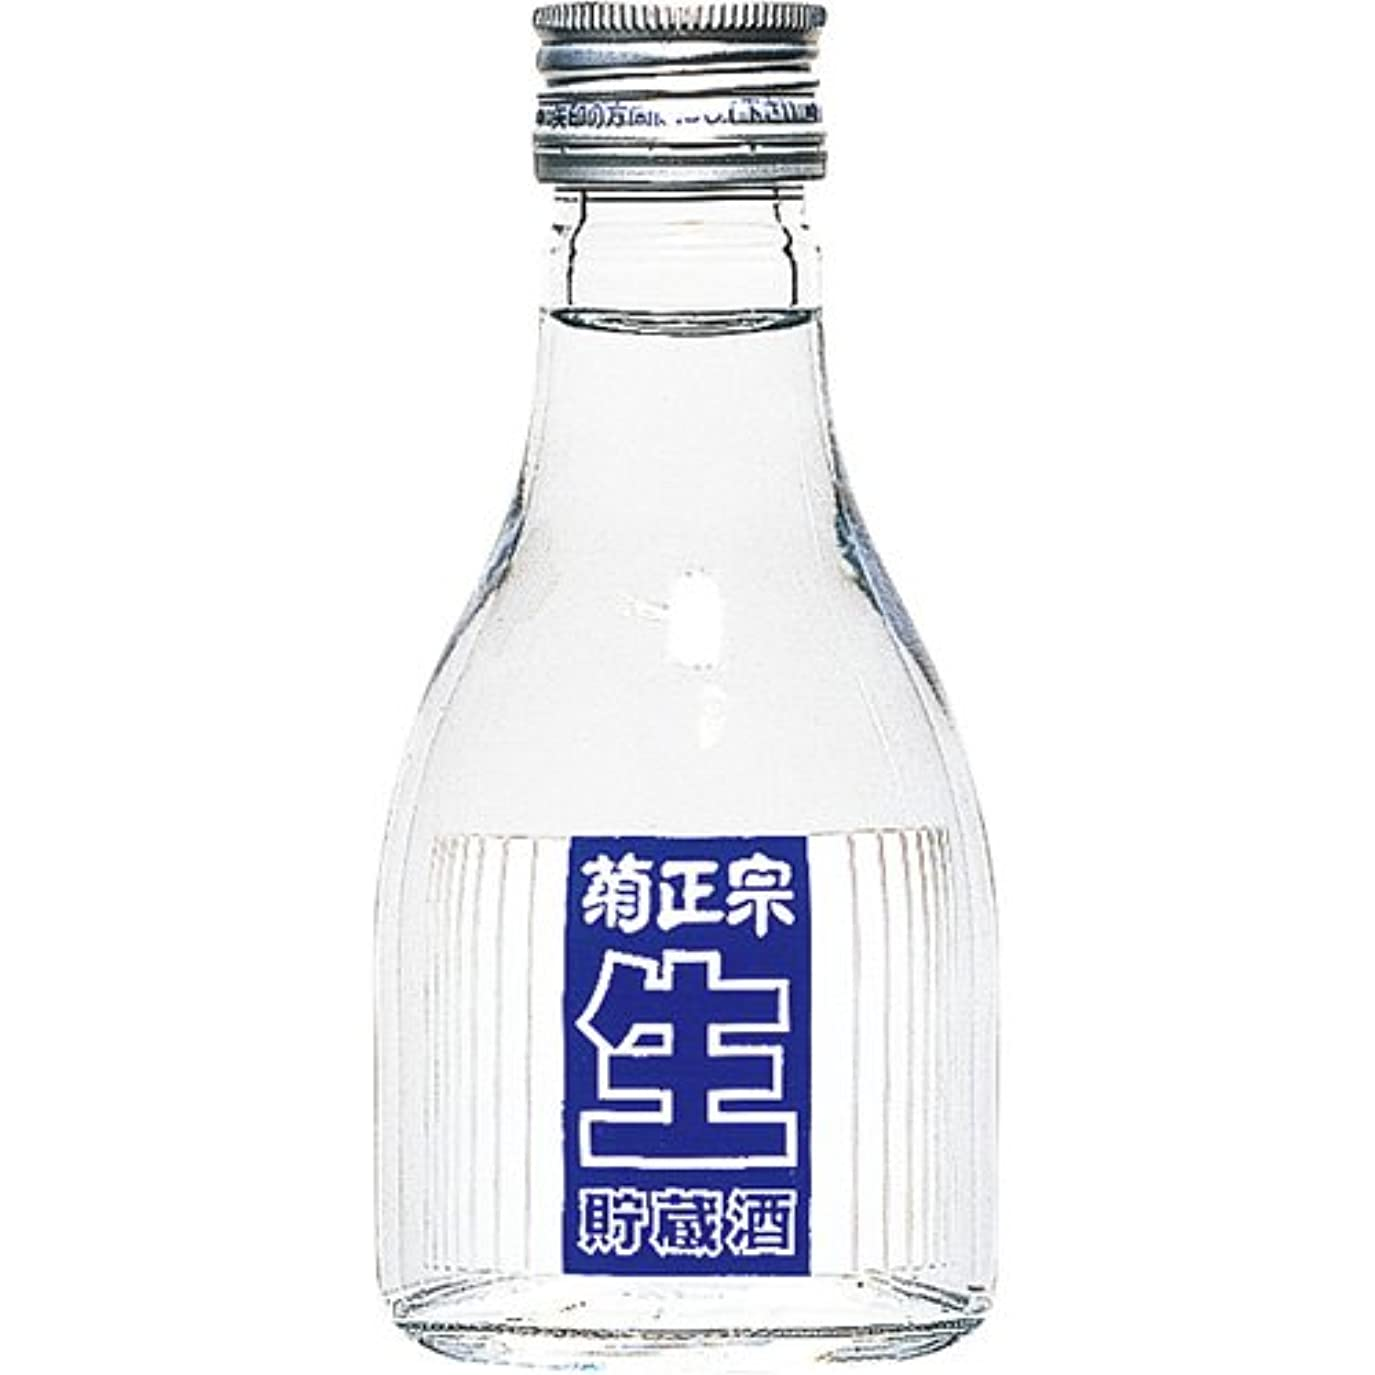 退化する家畜後継花春 会津印 生貯蔵酒 300ml [ 日本酒 福島県 ]